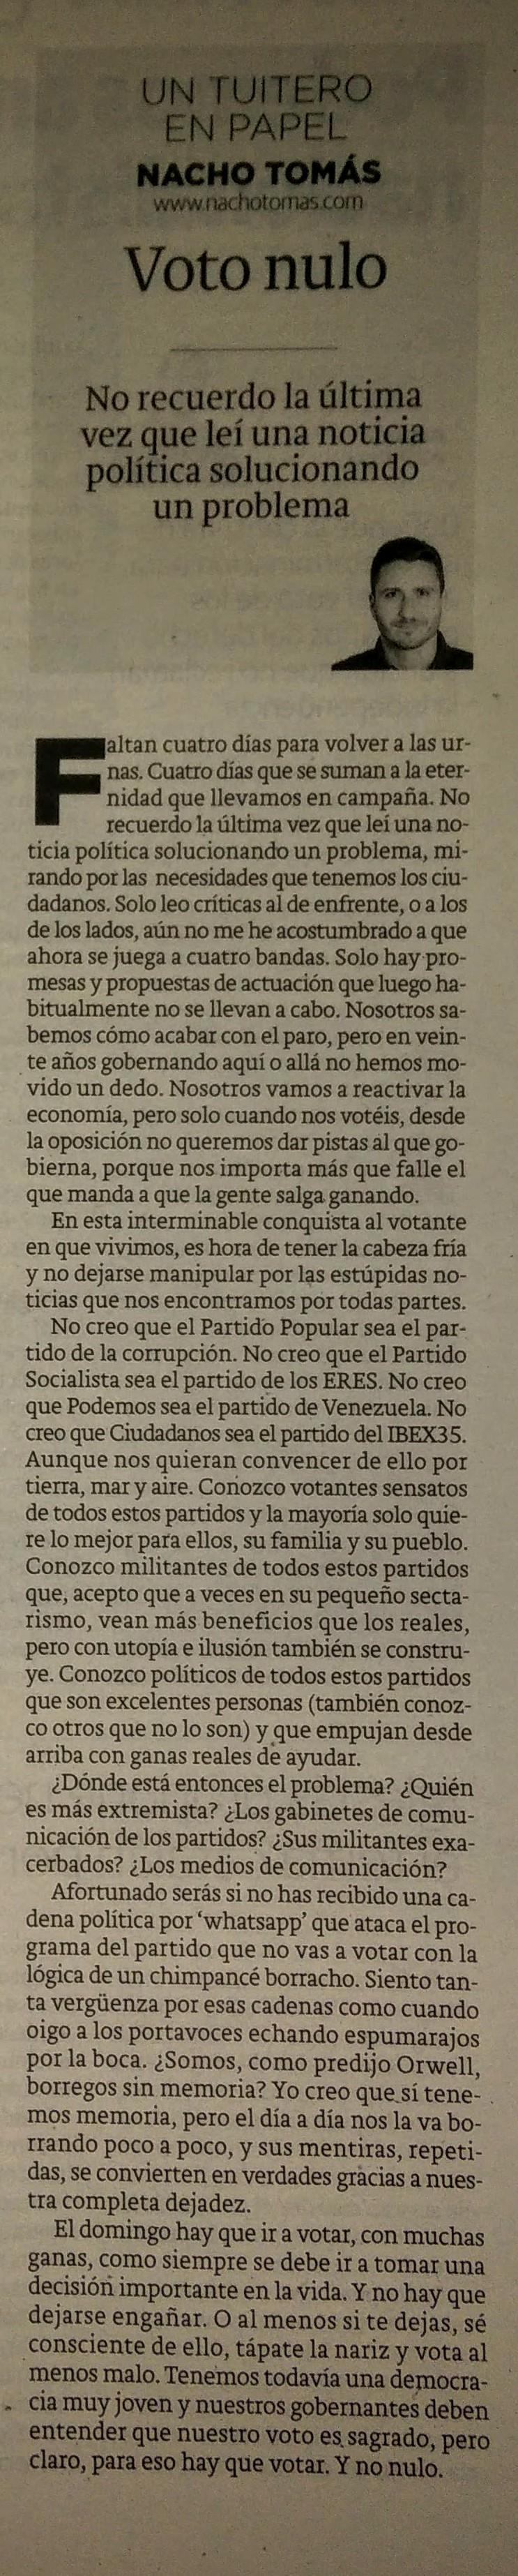 22.06.16 Voto nulo - Nacho Tomás - Un tuitero en papel - La Verdad de Murcia